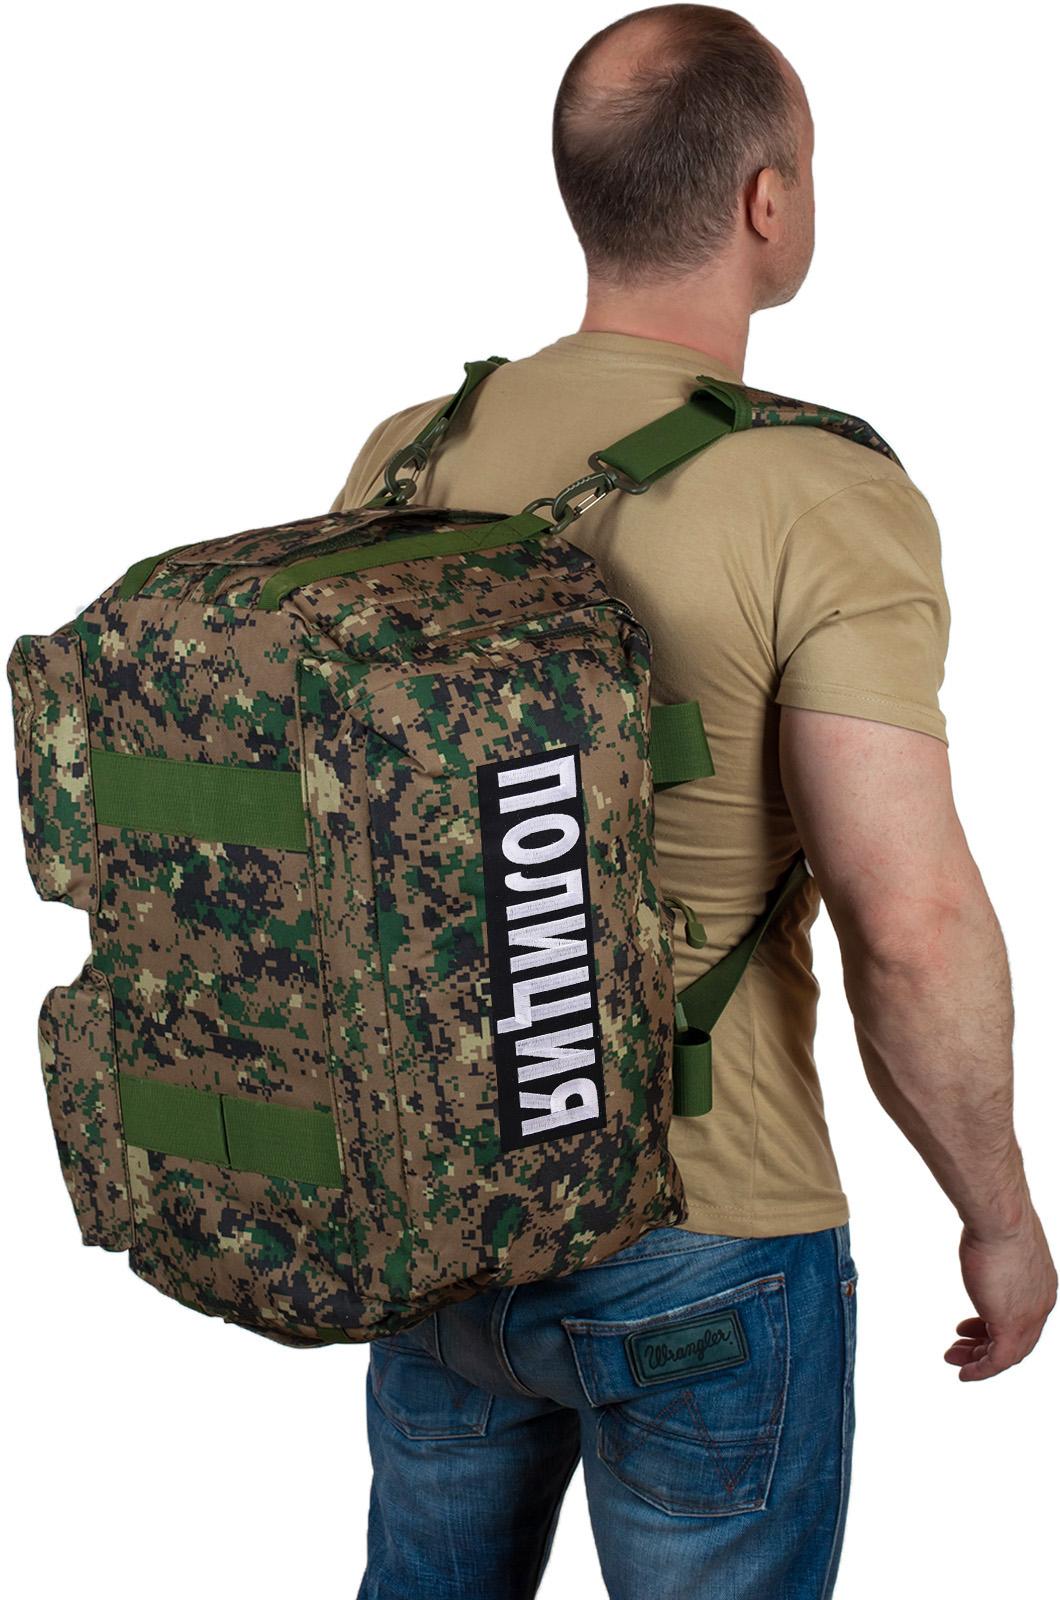 Купить армейскую дорожную сумку с нашивкой Полиция с доставкой в ваш город